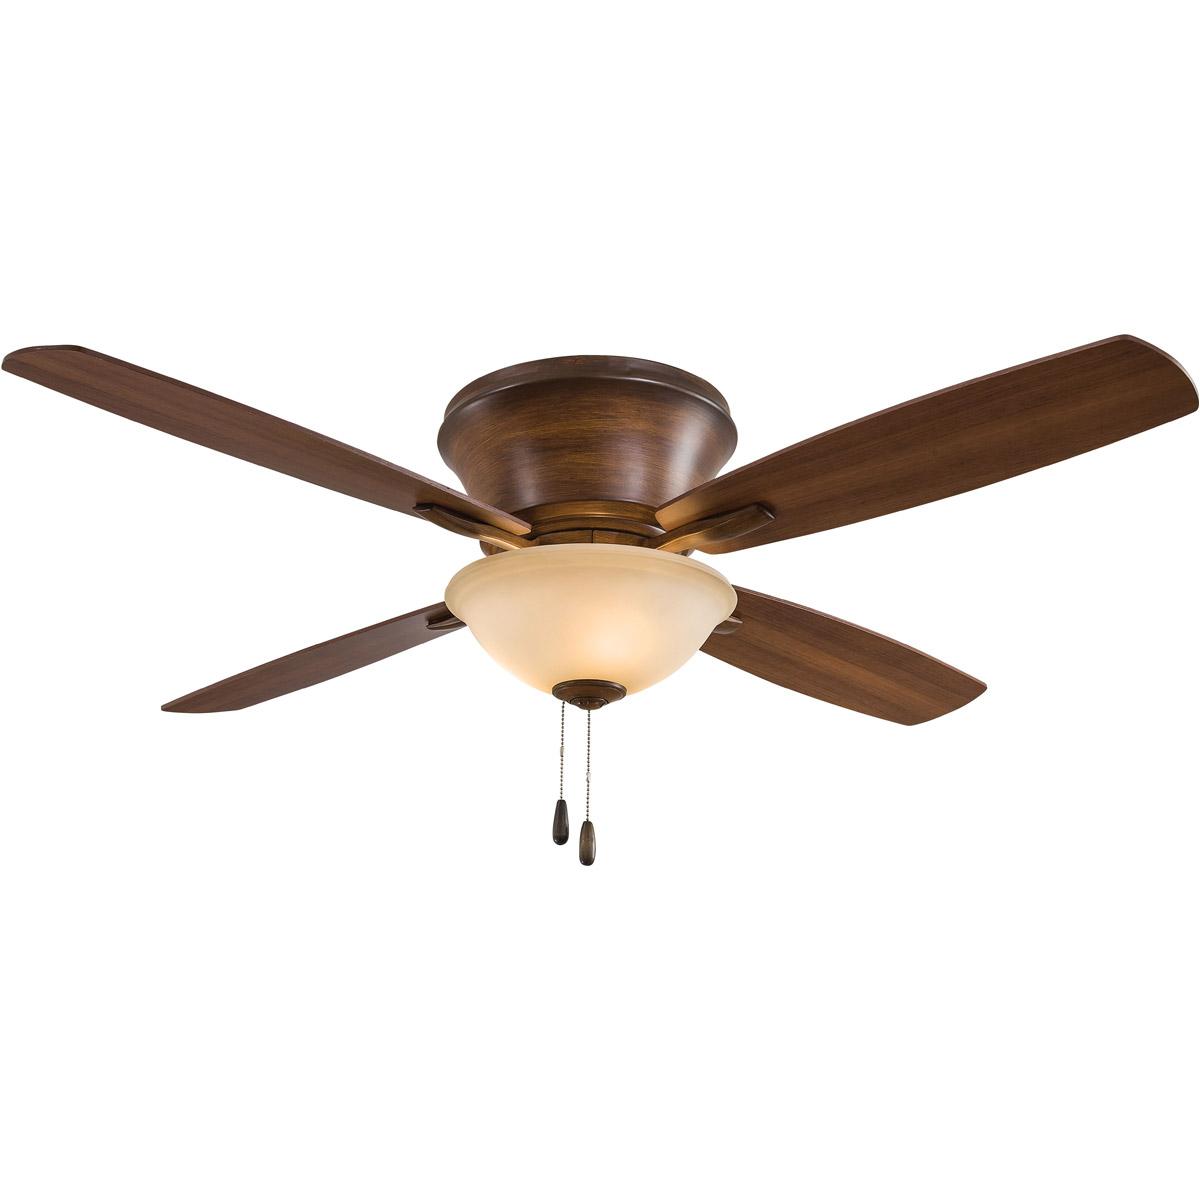 Minka-Aire F533-DK Mojo II Indoor Ceiling Fan Distressed Koa ...